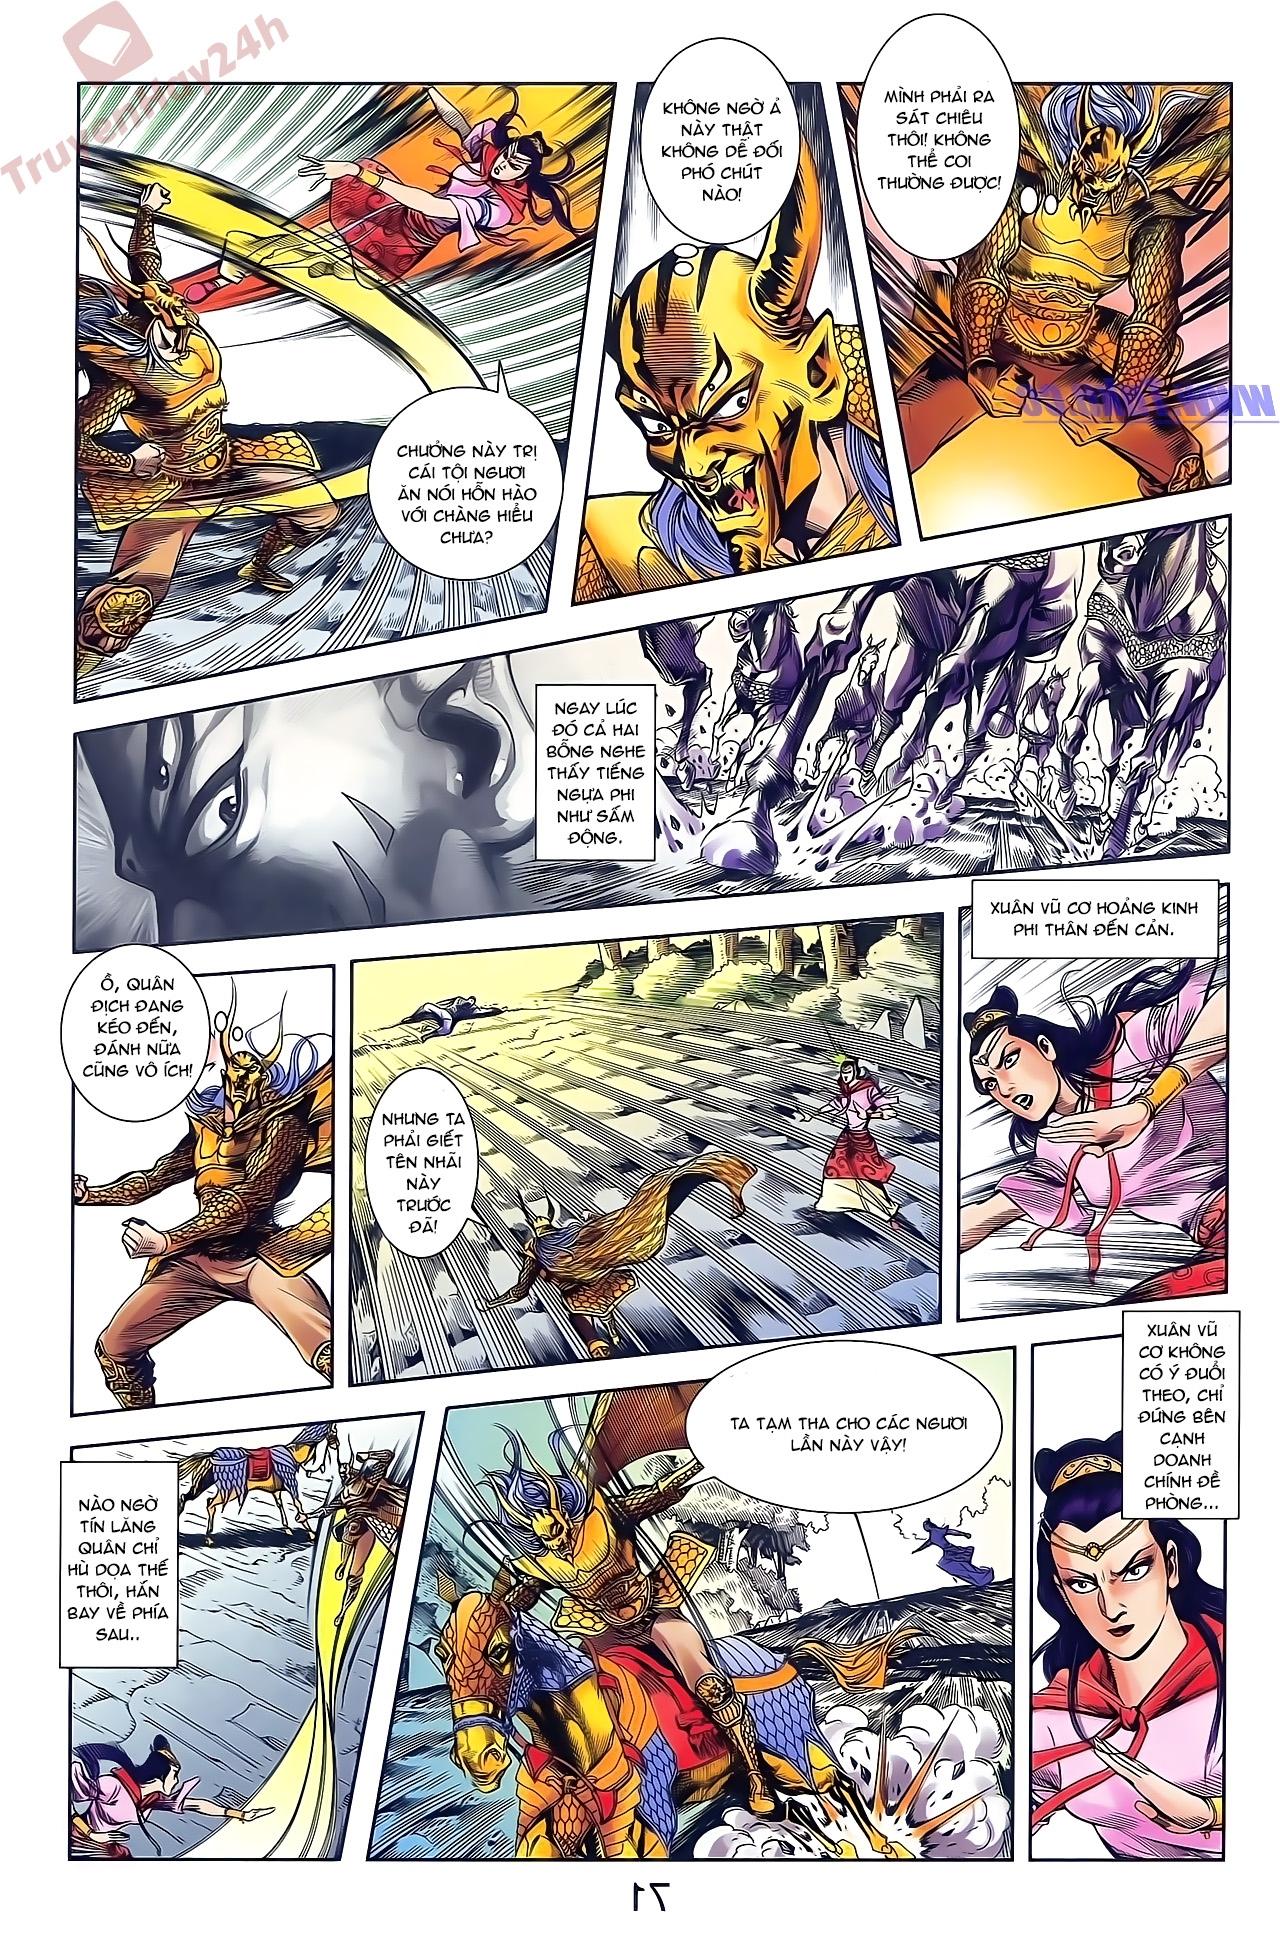 Tần Vương Doanh Chính chapter 49 trang 25